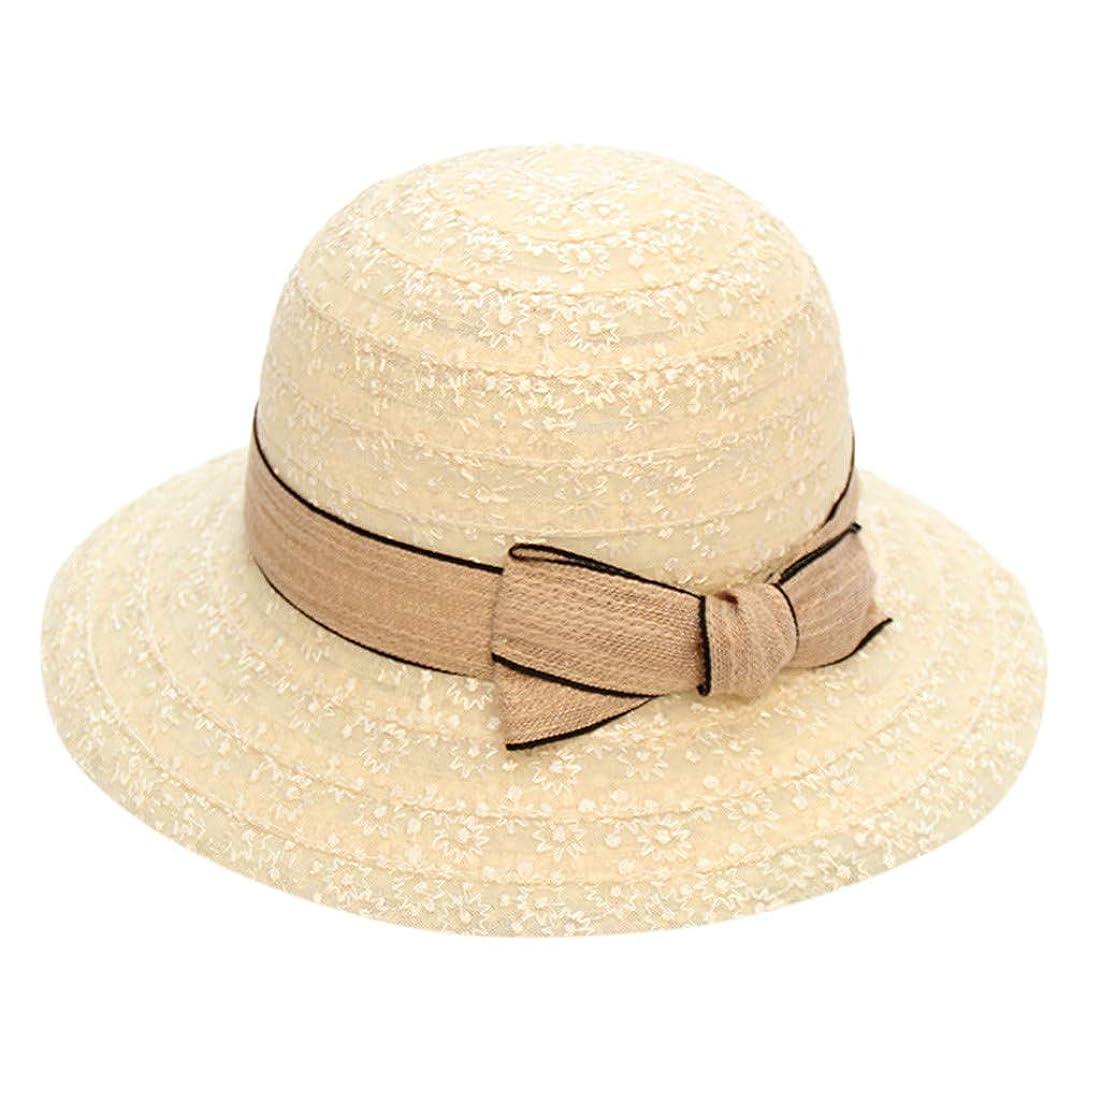 スペード調和中央UVカット 帽子 レディース uv ハット 日除け ハット 日除け キャップ 小顔効果 紫外線対策 キャップ 帽子 日焼け防止 軽量 熱中症予防 つば広 おしゃれ 可愛い 夏季 シルクハット 女優帽 アウトドア 海 リゾート ROSE ROMAN